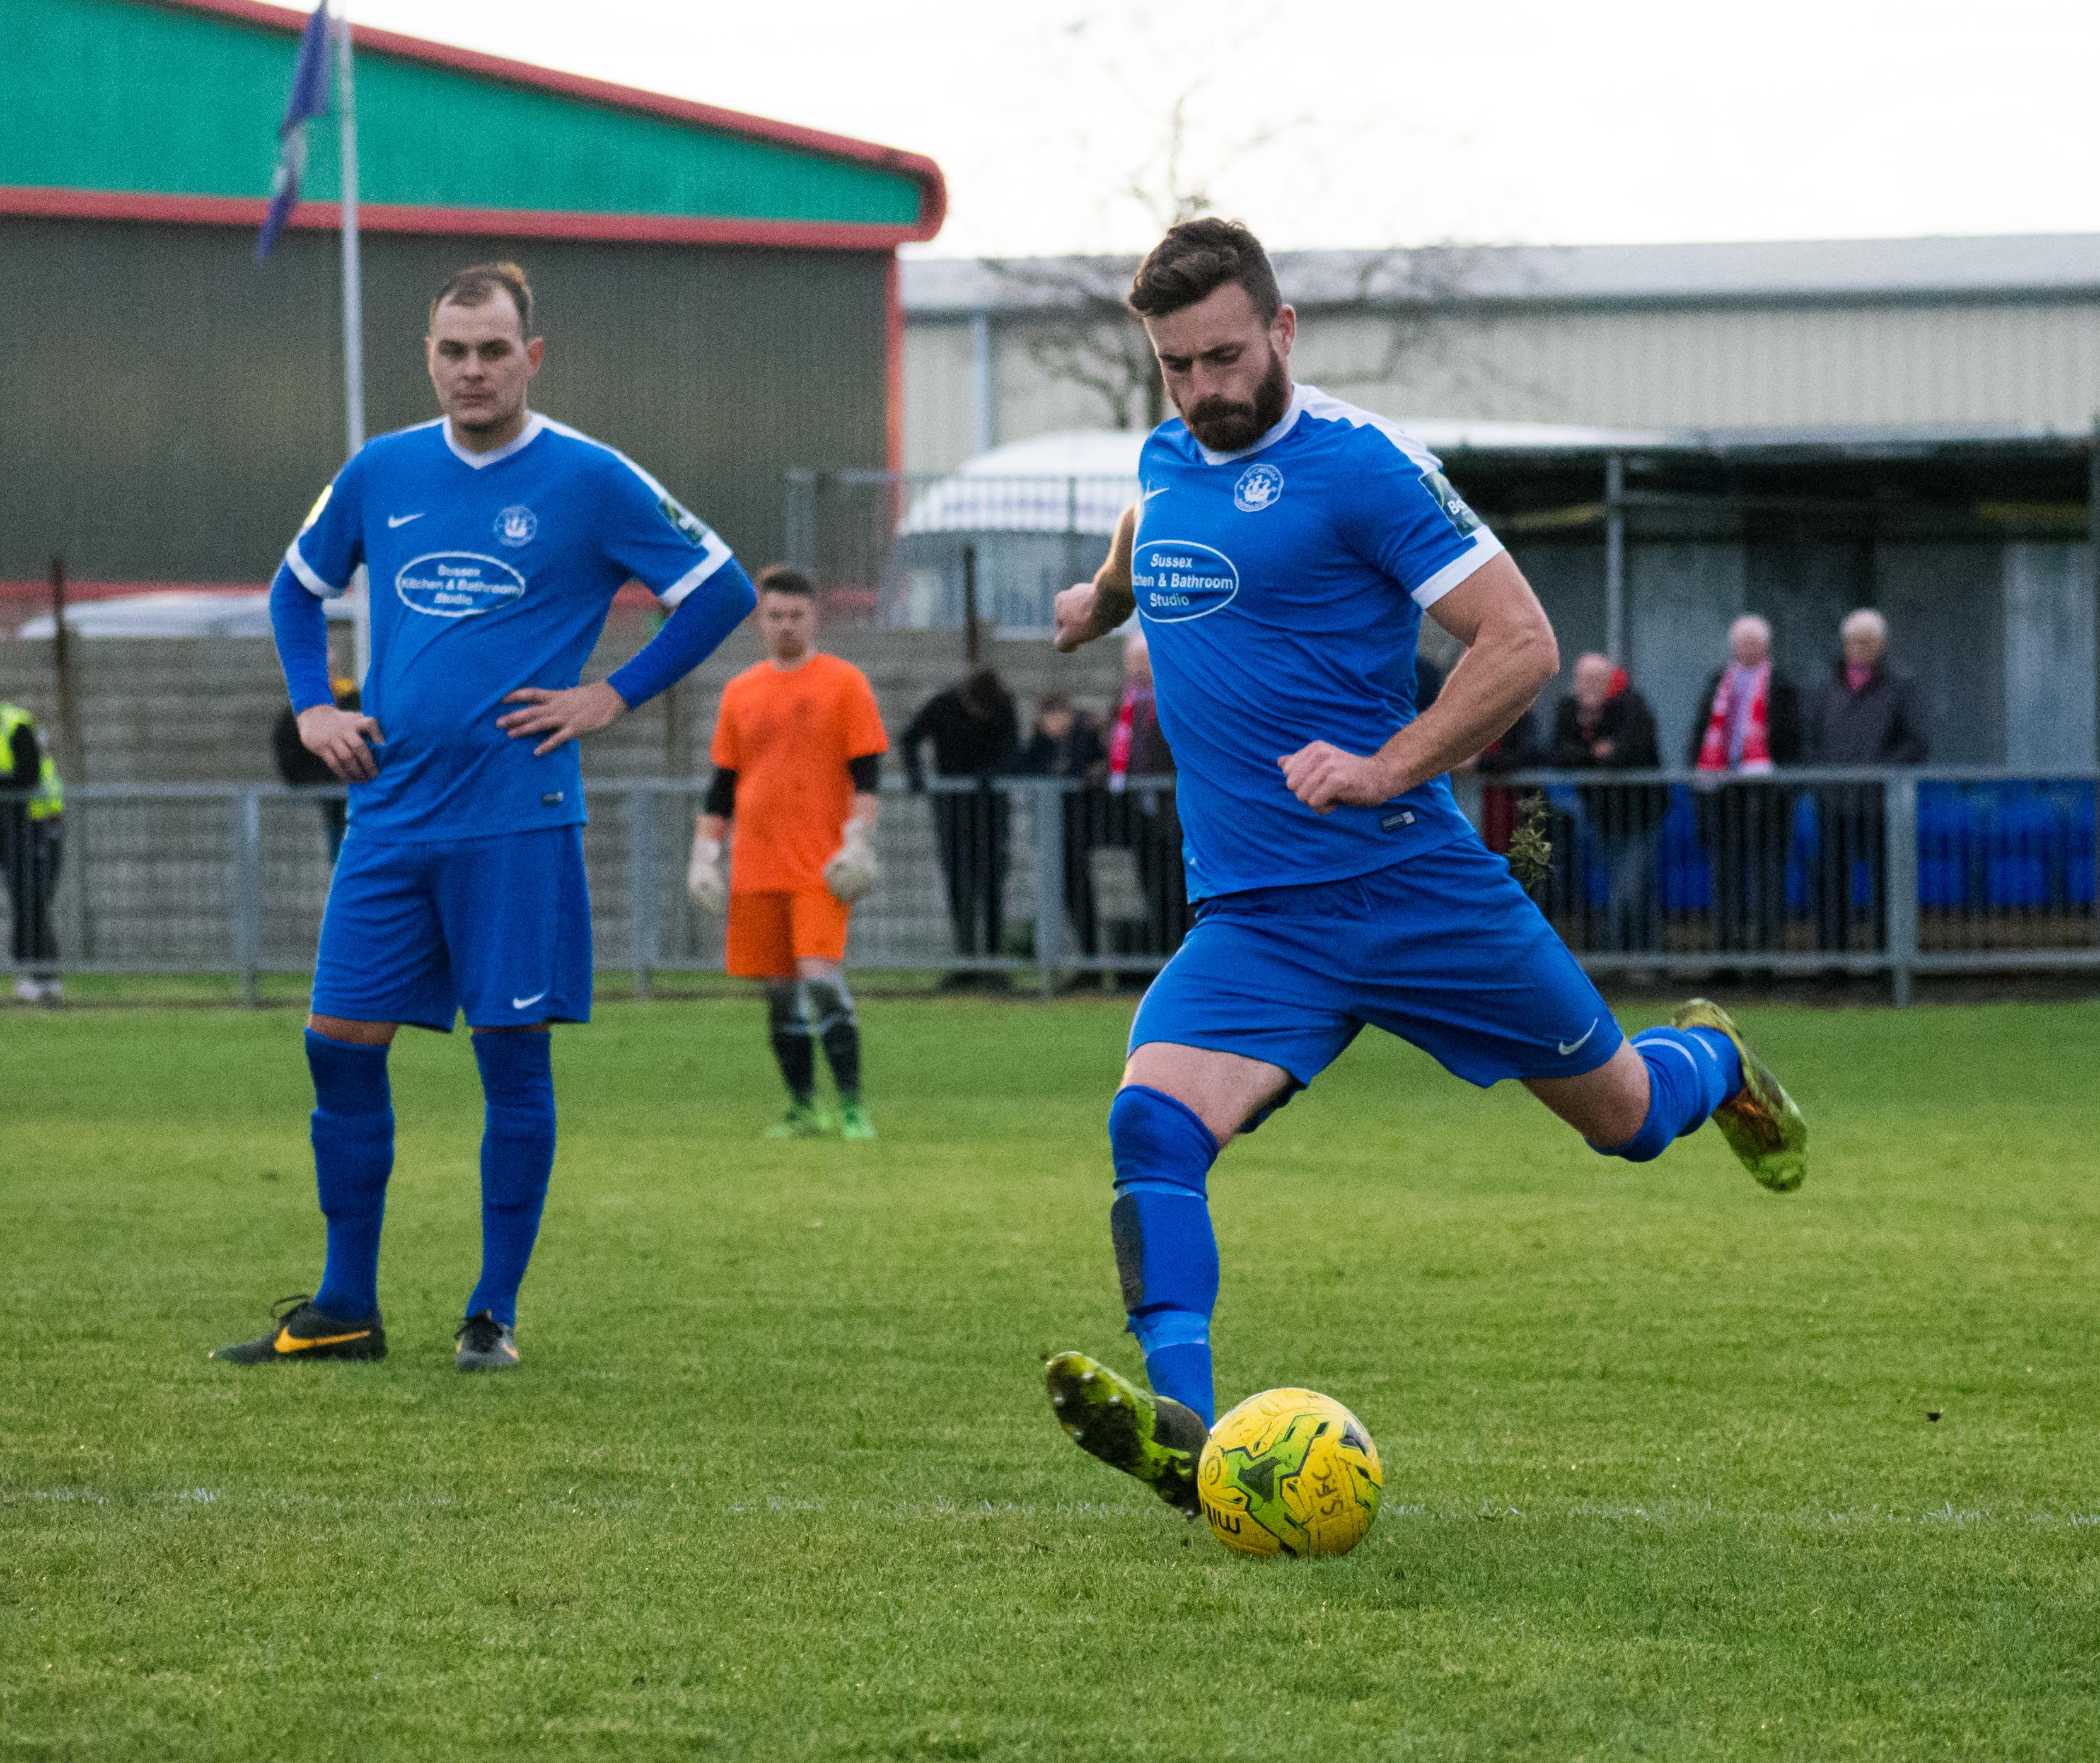 Shoreham FC vs Hythe Town 11.11.17 57